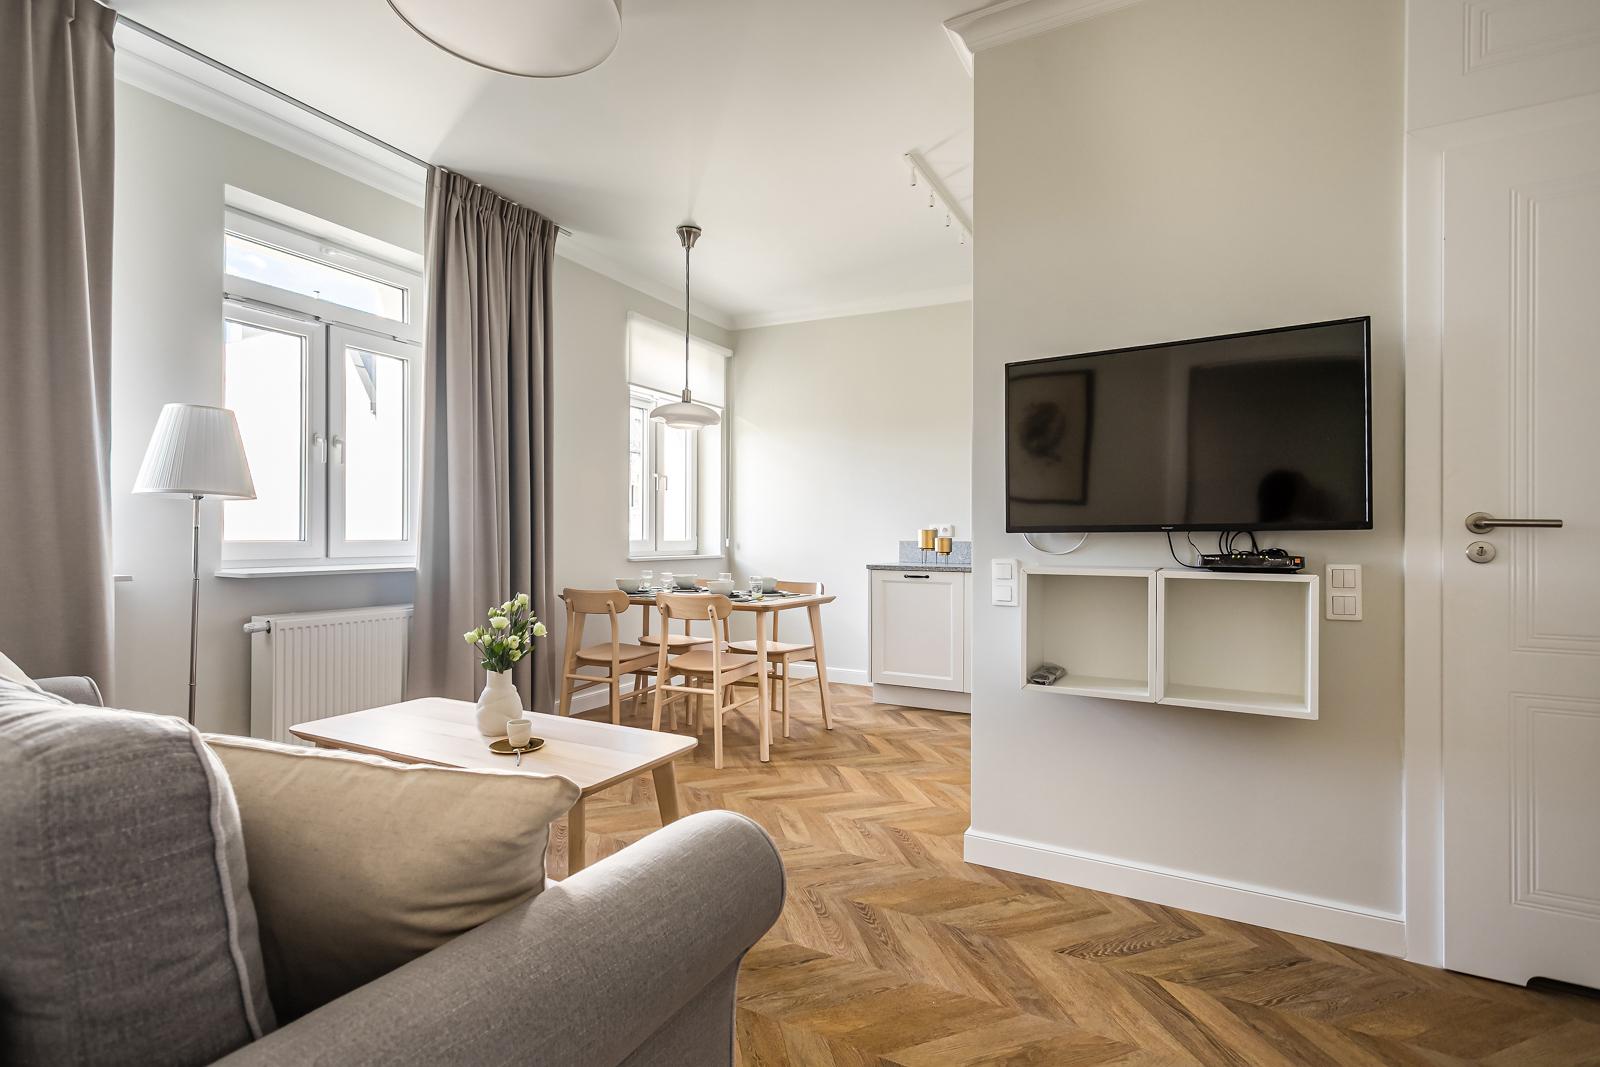 Przytulne dwupokojowe mieszkanie w zrewitalizowanej kamienicy przy ul. Jagiellońskiej Warszawa na wynajem